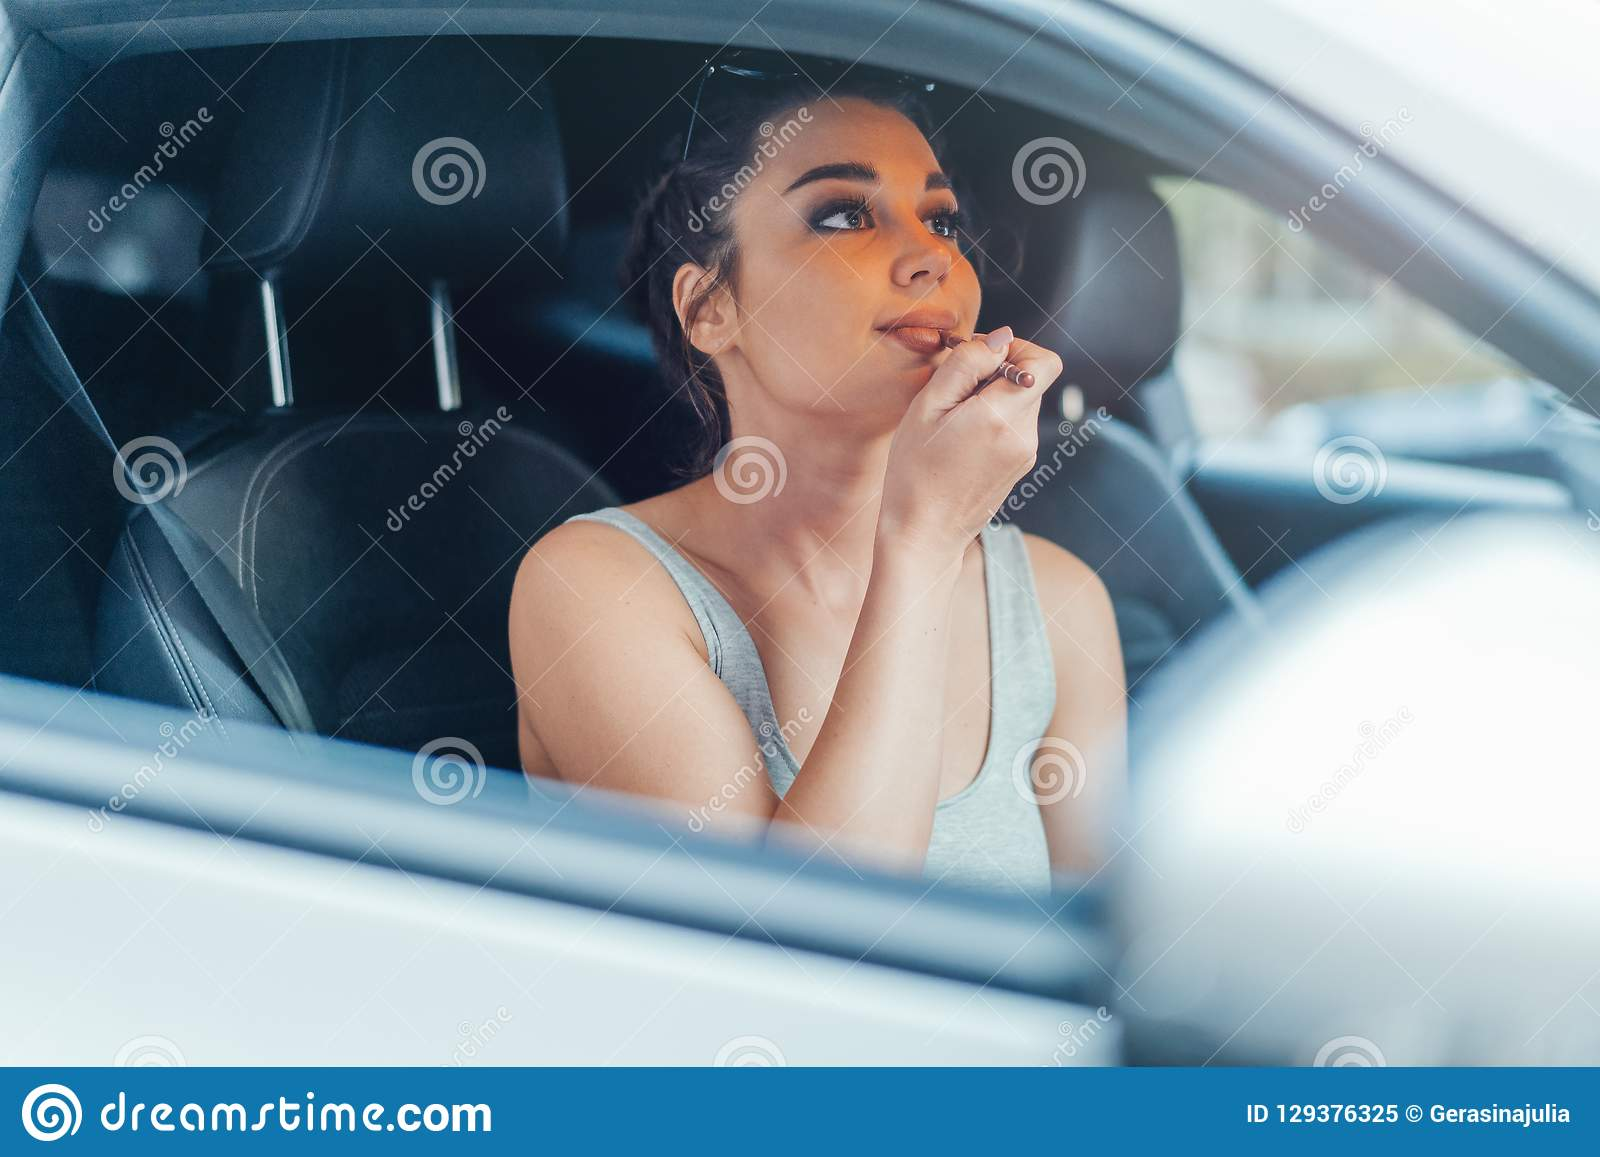 Feche acima da mulher bonita que obtém seus bordos pintados ao sentar-se no carro